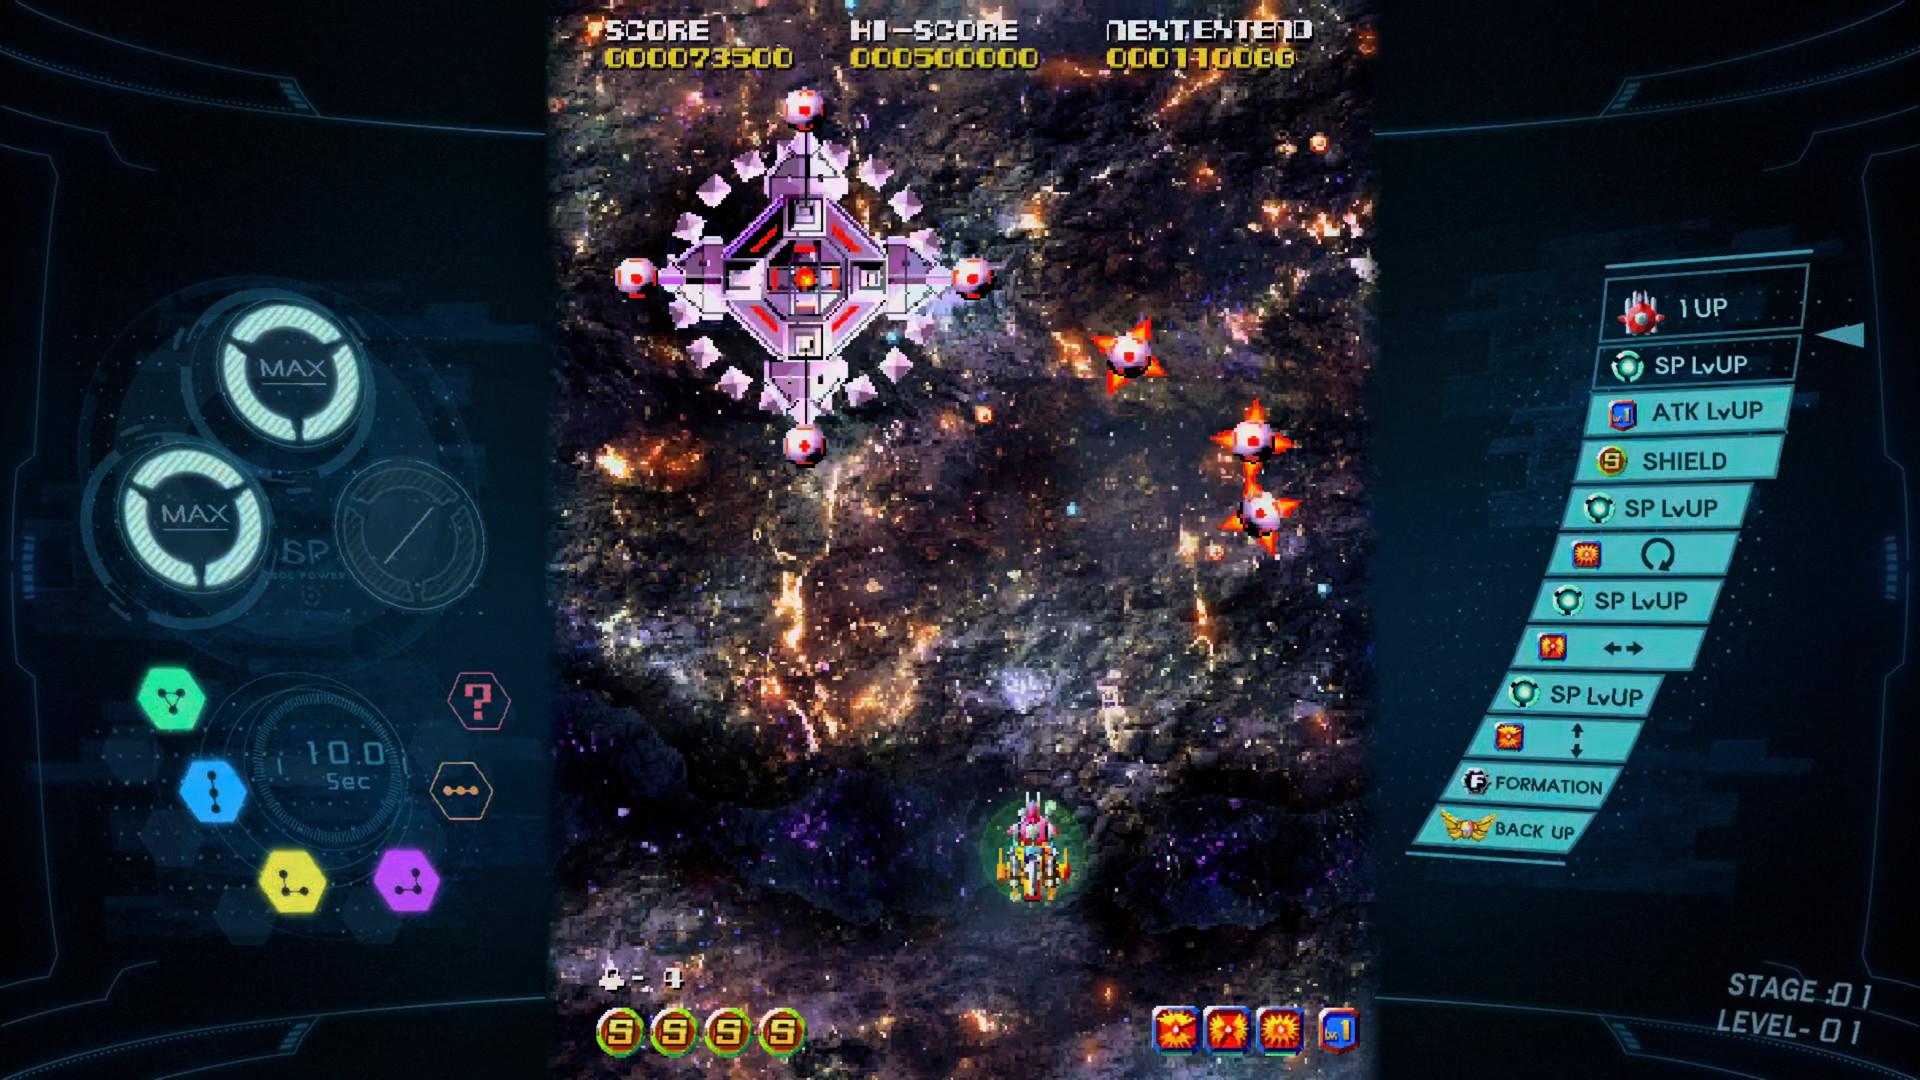 https://www.4gamer.net/games/563/G056352/20210901164/SS/008.jpg